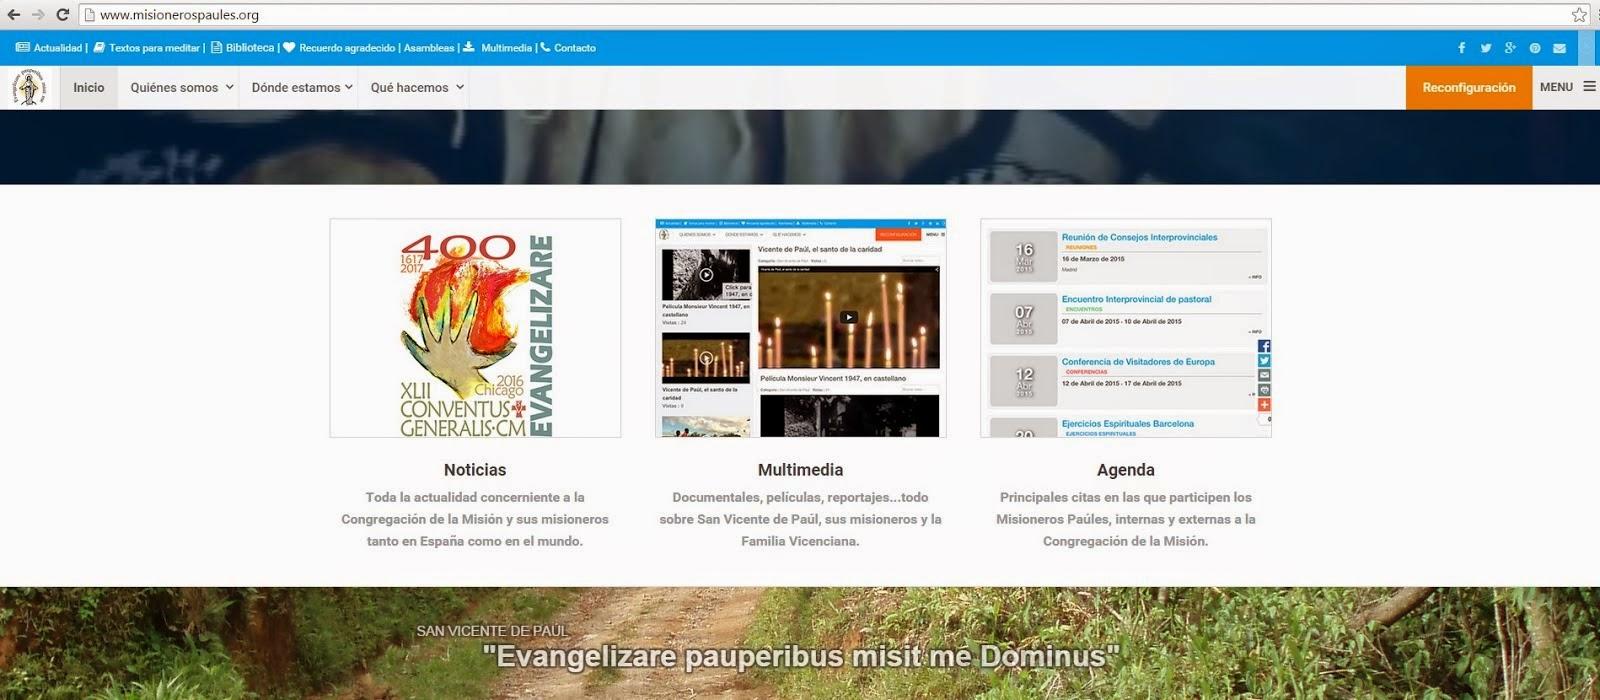 Nueva página web interprovincial de la Congregación de la Misión (padres paúles)